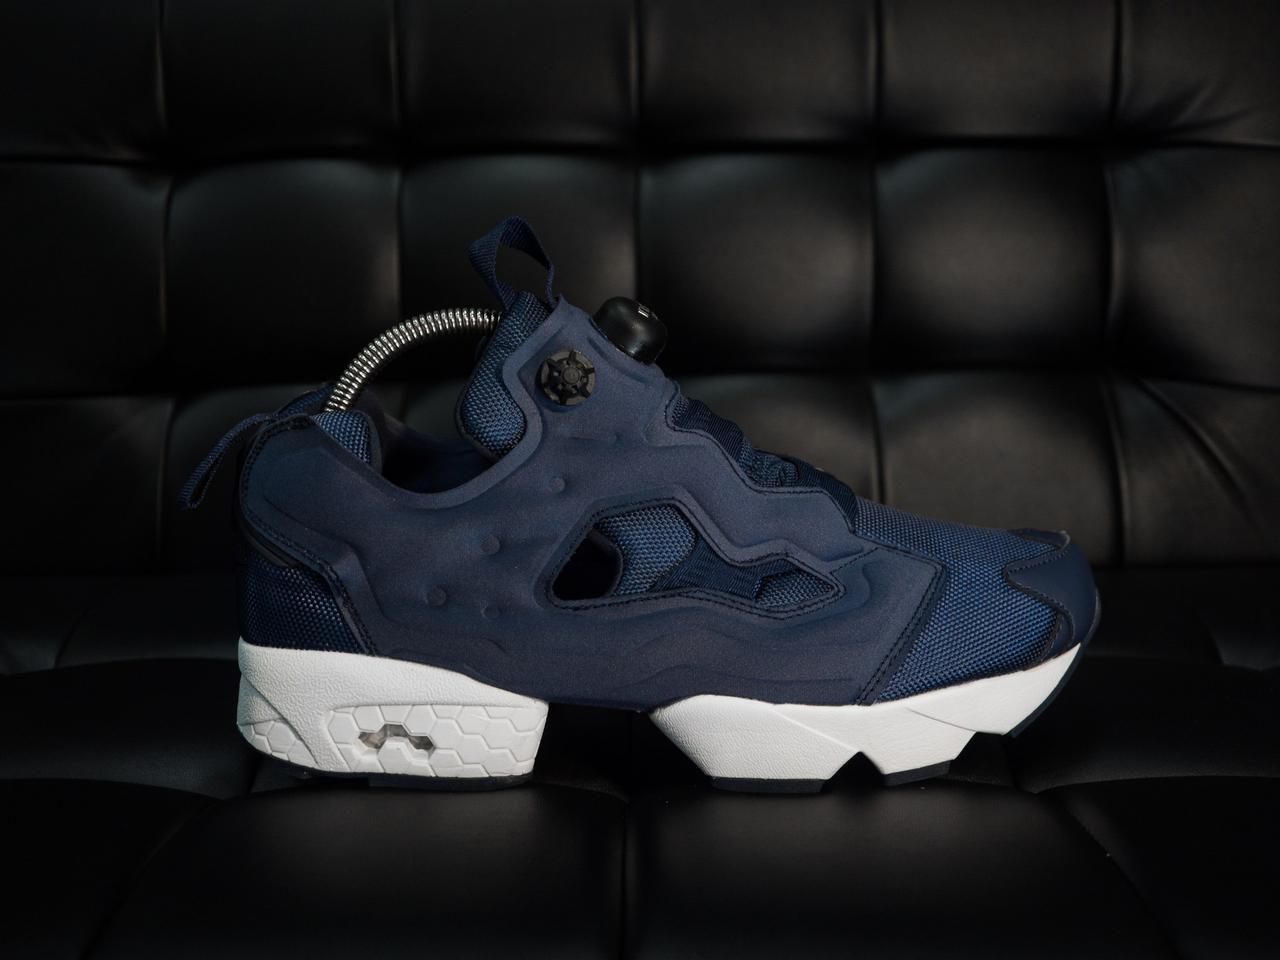 Мужские кроссовки Reebok Insta Pump Fury Синие белая подошва (реплика) -  Магазин одежды и f3ae8a5b395